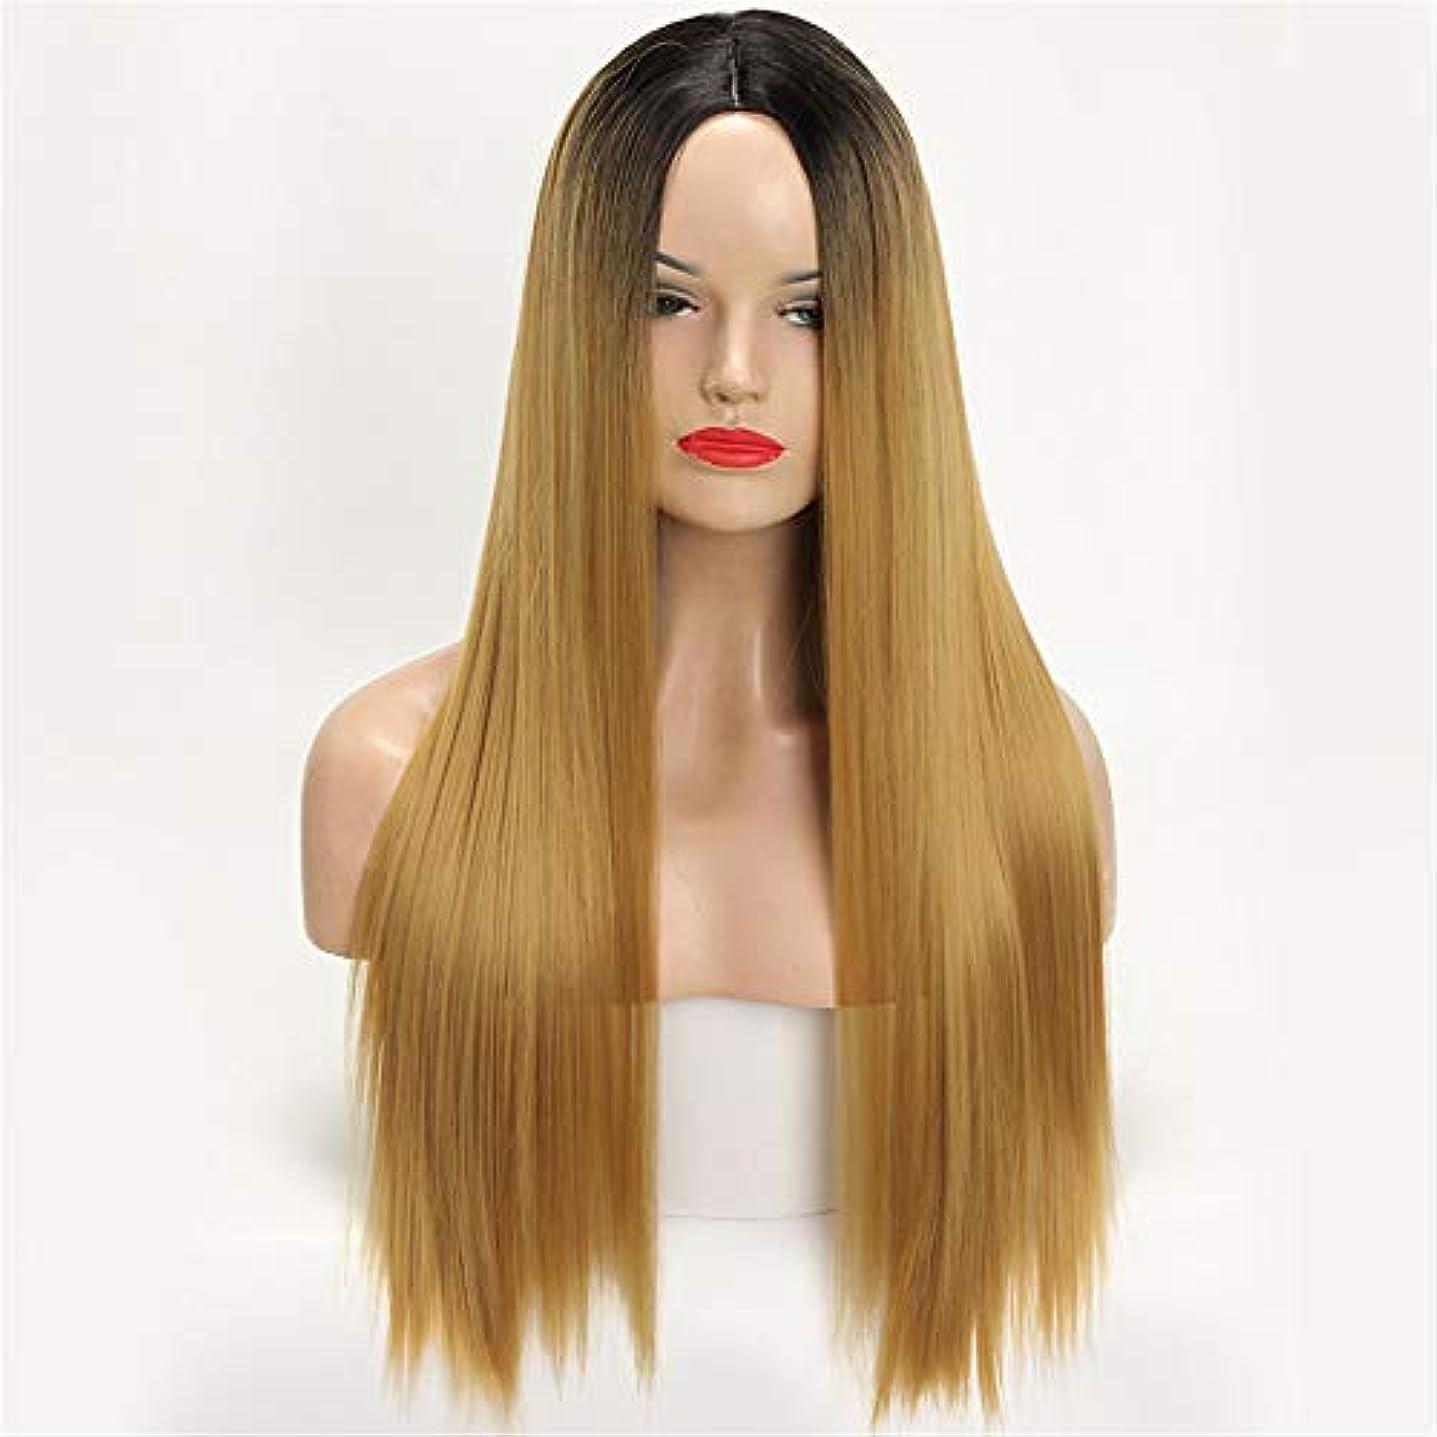 プレゼントひどく便宜かつらロングストレートヘア女性勾配化学繊維フードオンブルブラックブロンドロングストレート高温合成繊維ウィッグ女性用ウィッグ30インチ